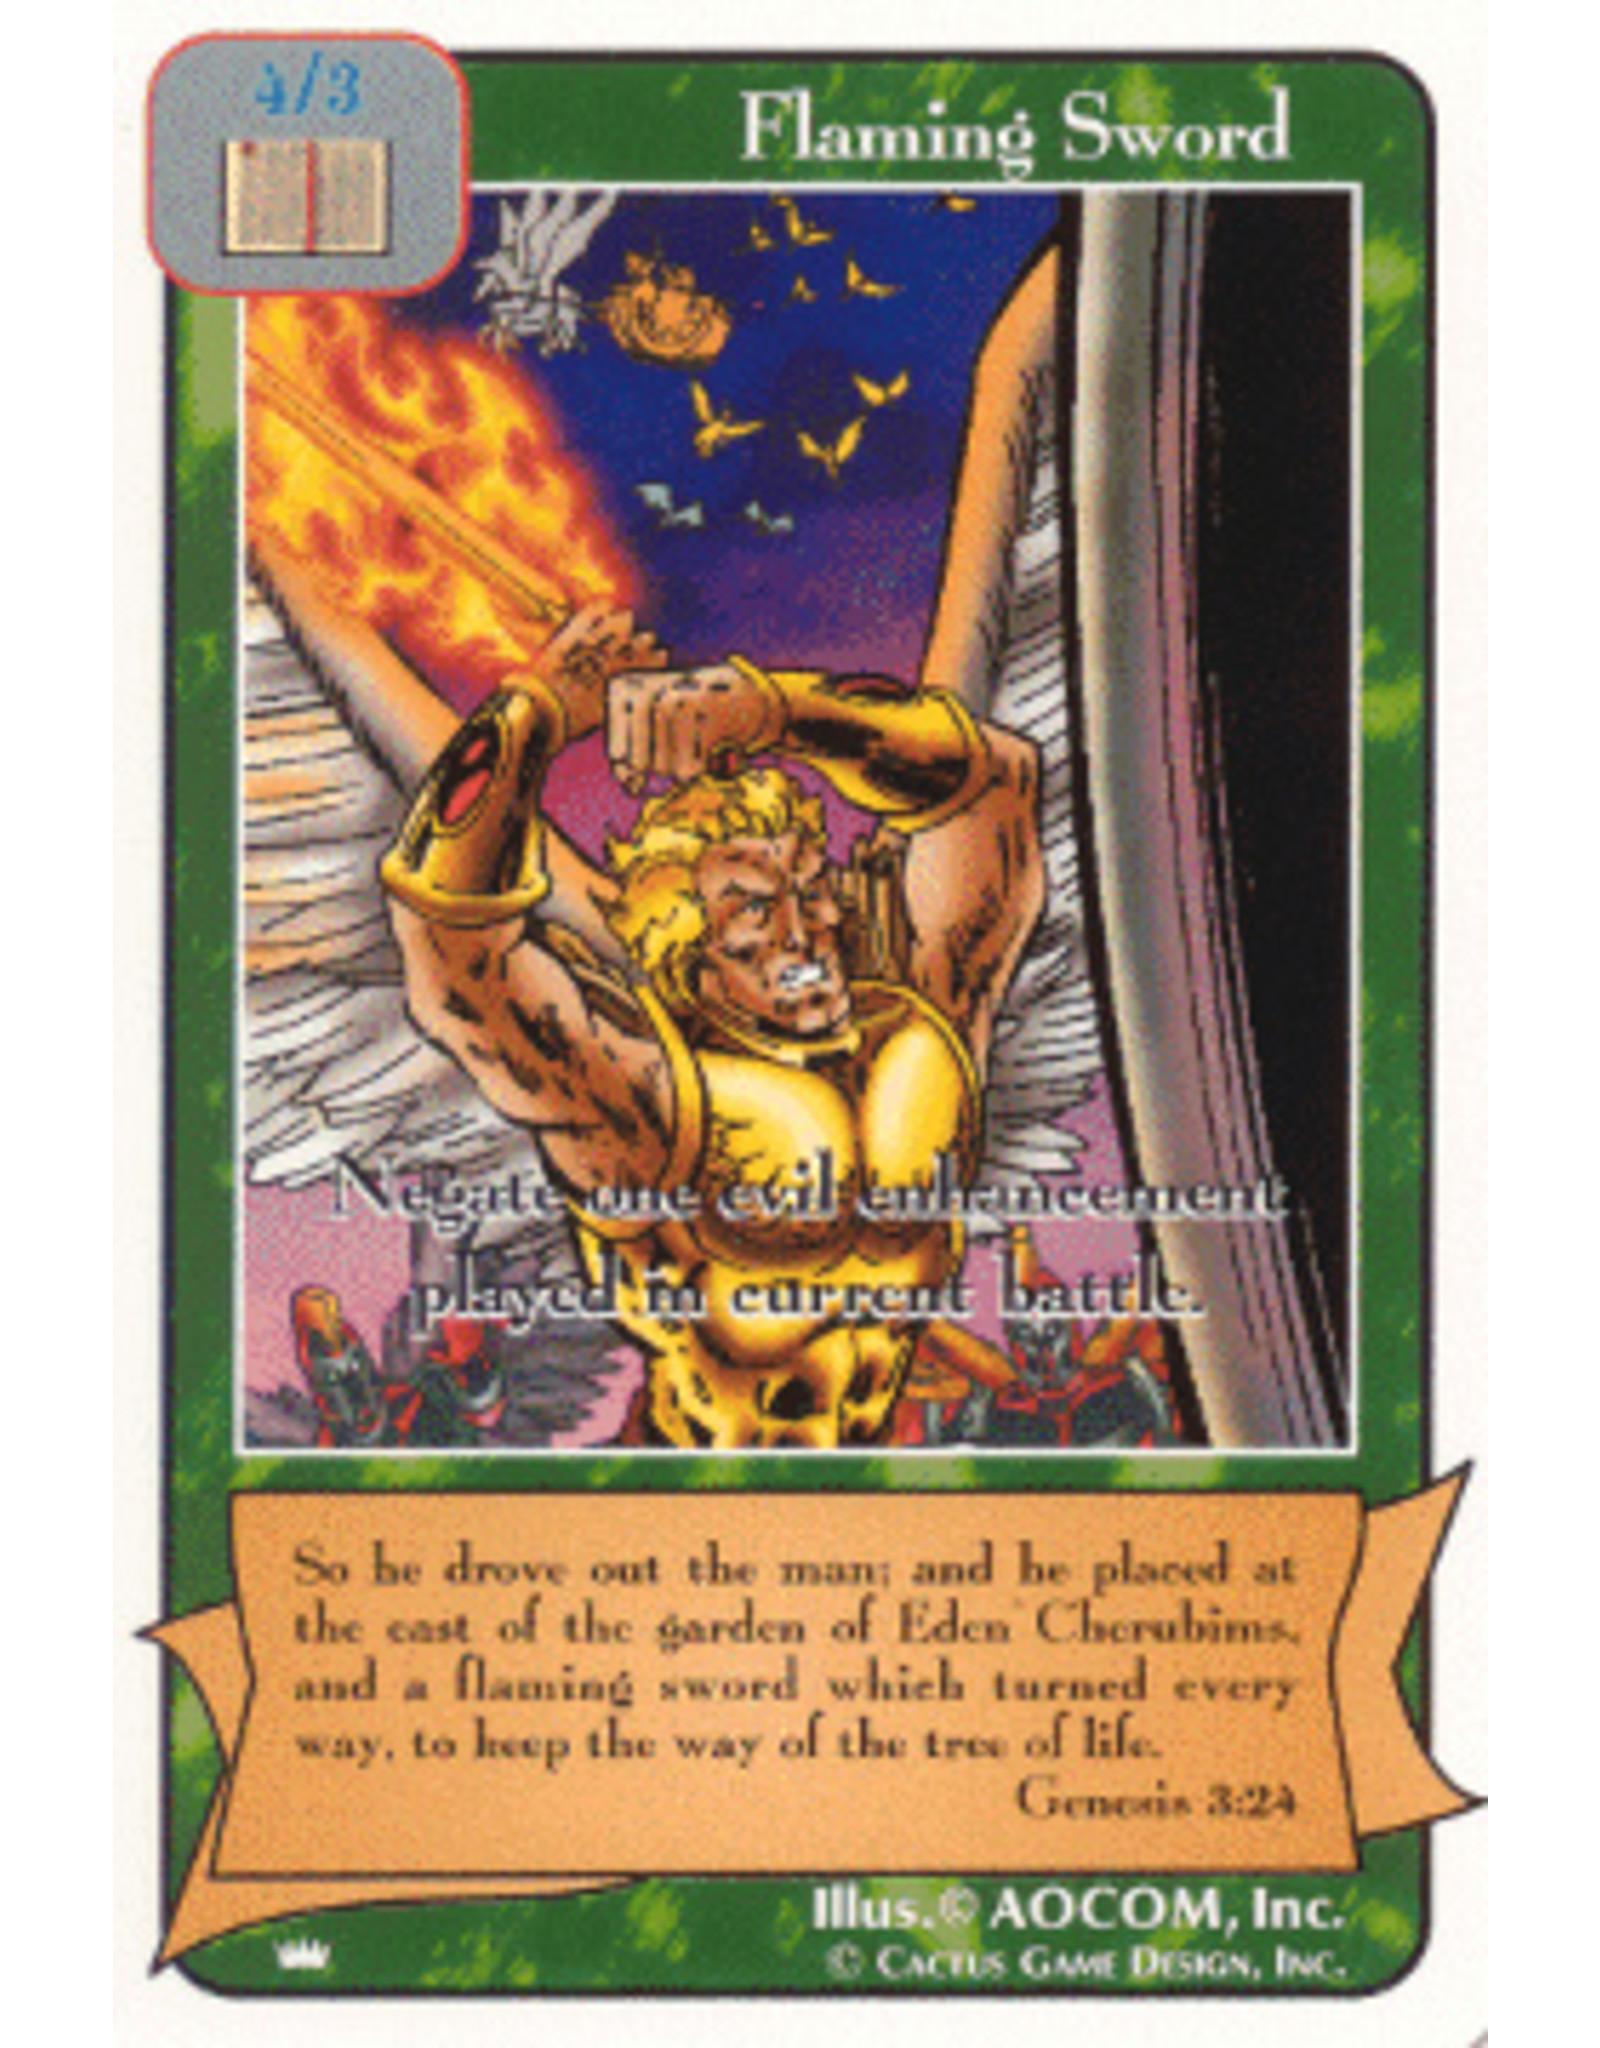 Ki: Flaming Sword